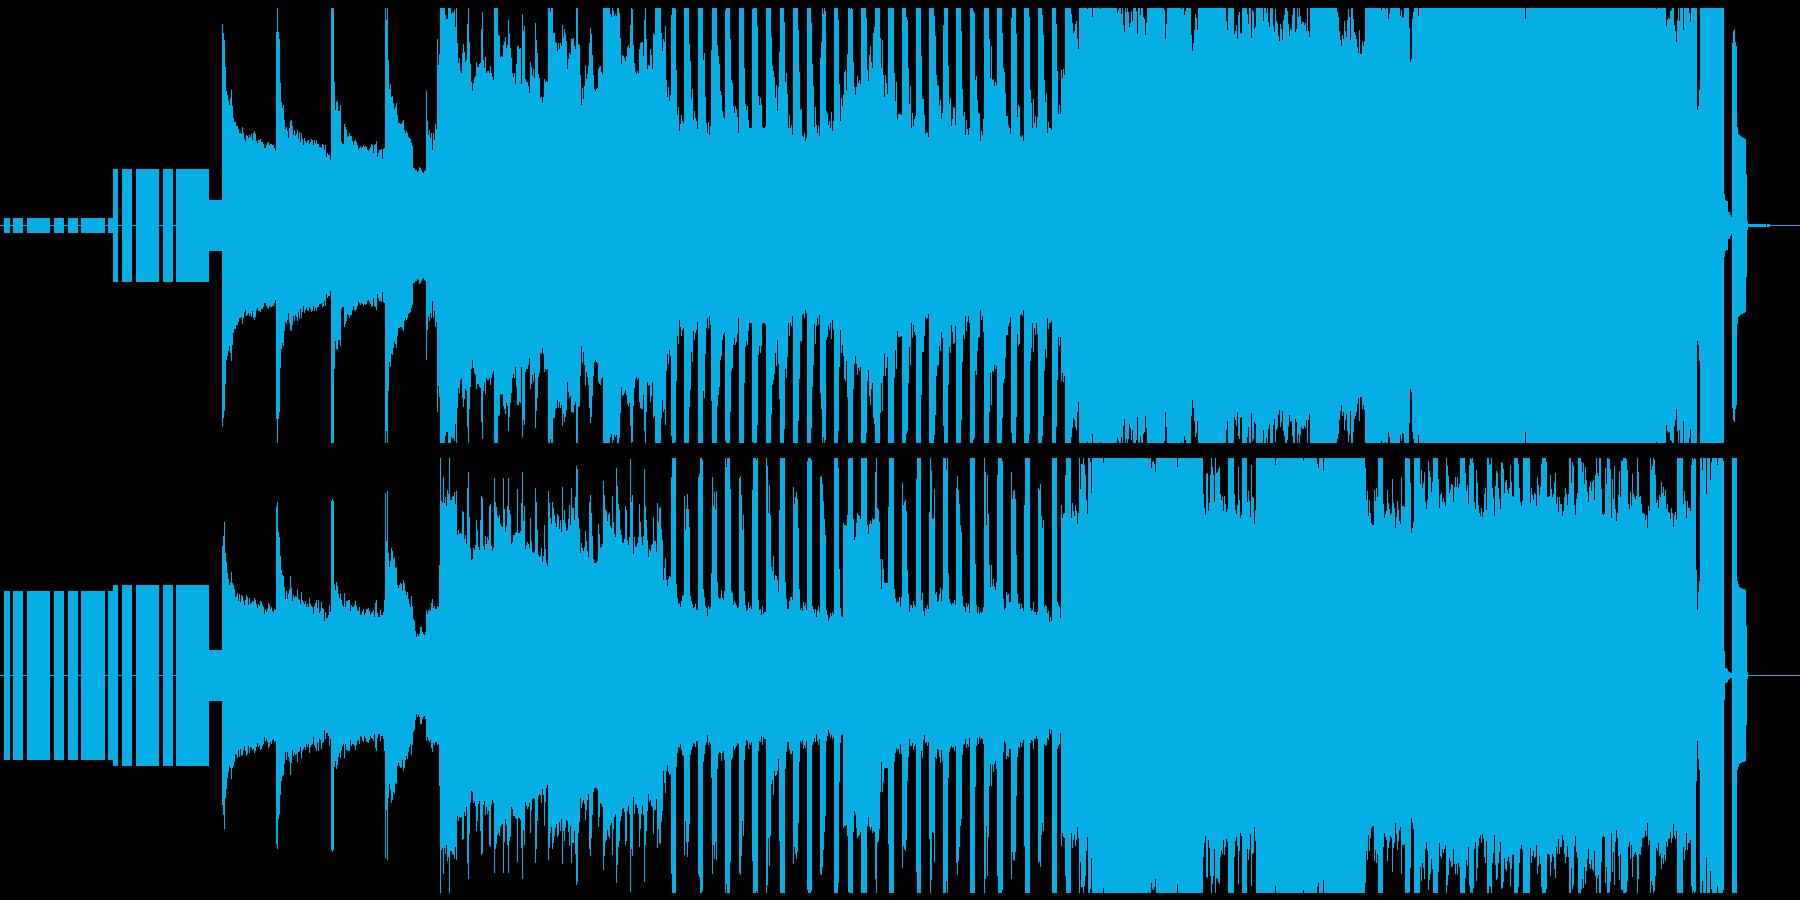 楽しさや明るさが全面に出ている8bit曲の再生済みの波形